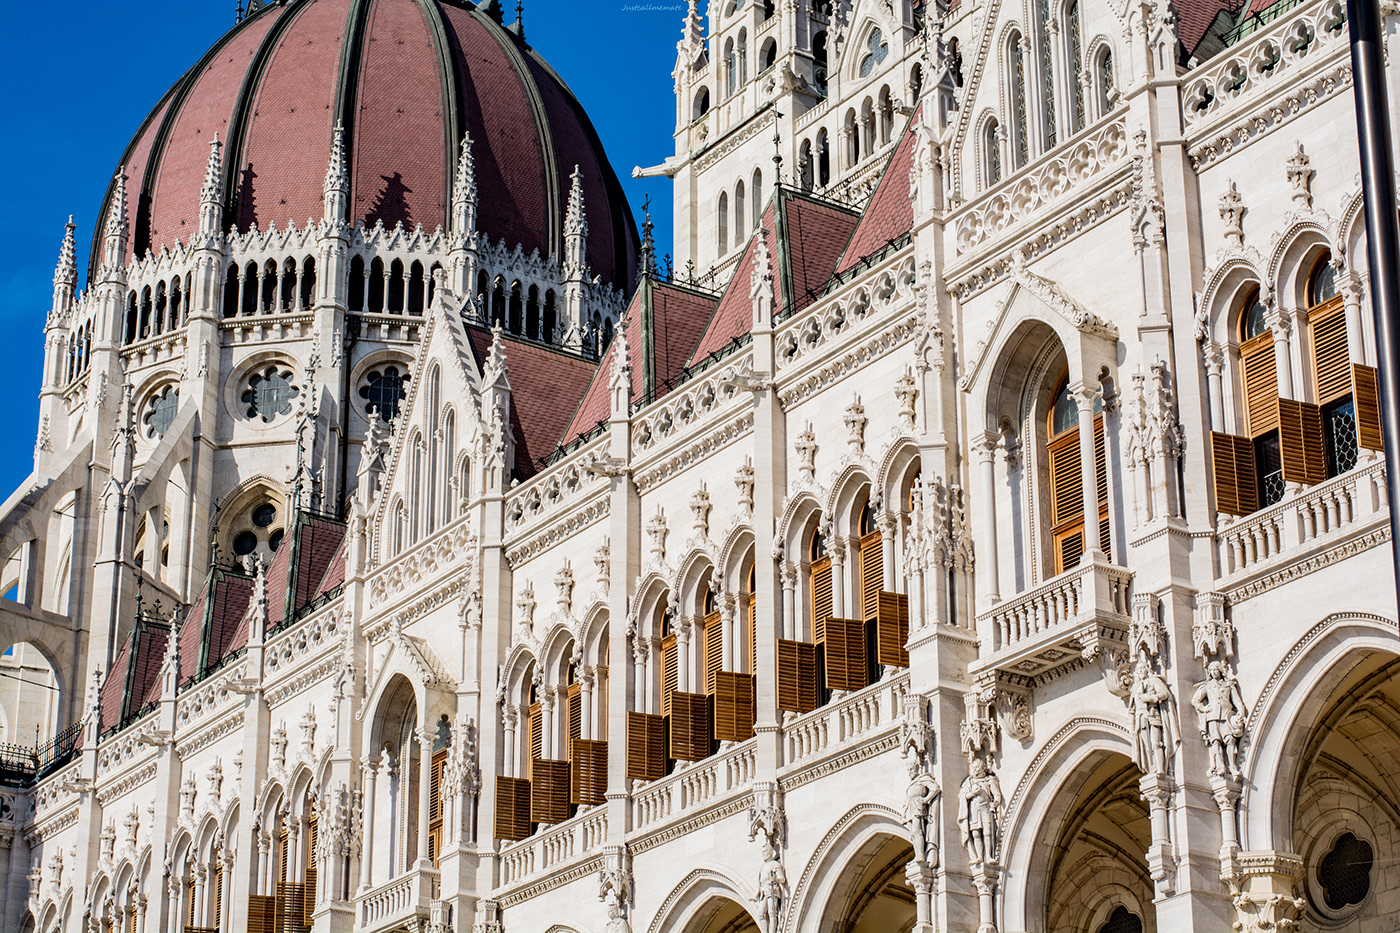 budapest basilica architect city art Photography